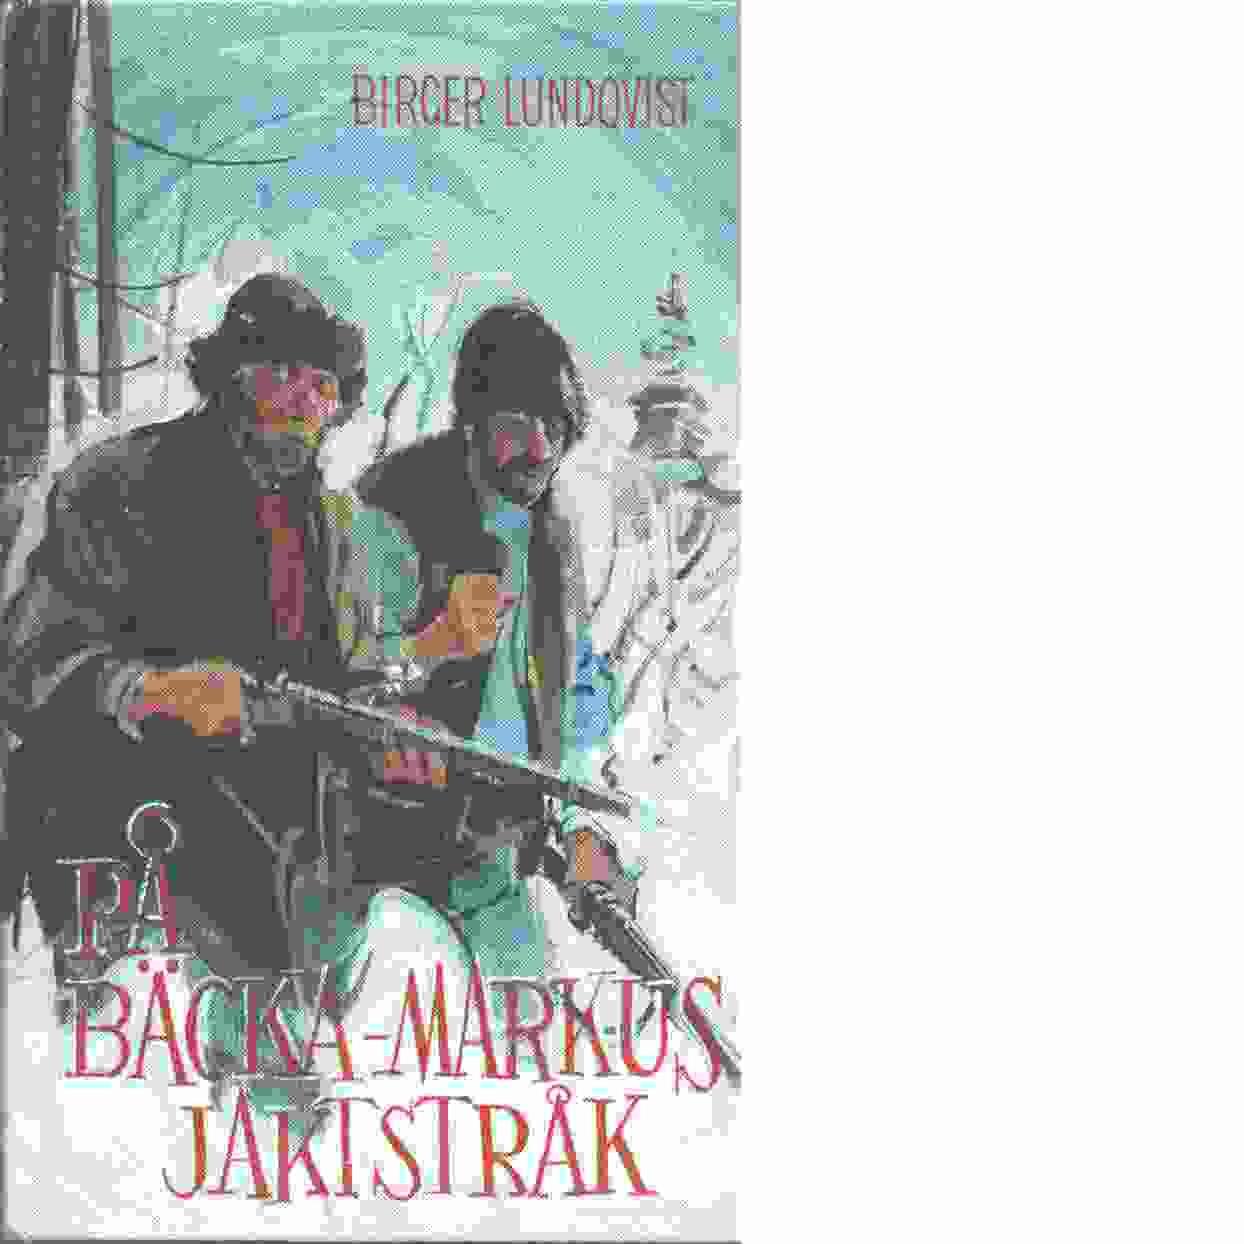 På Bäcka-Markus jaktstråk - Lundqvist, Birger